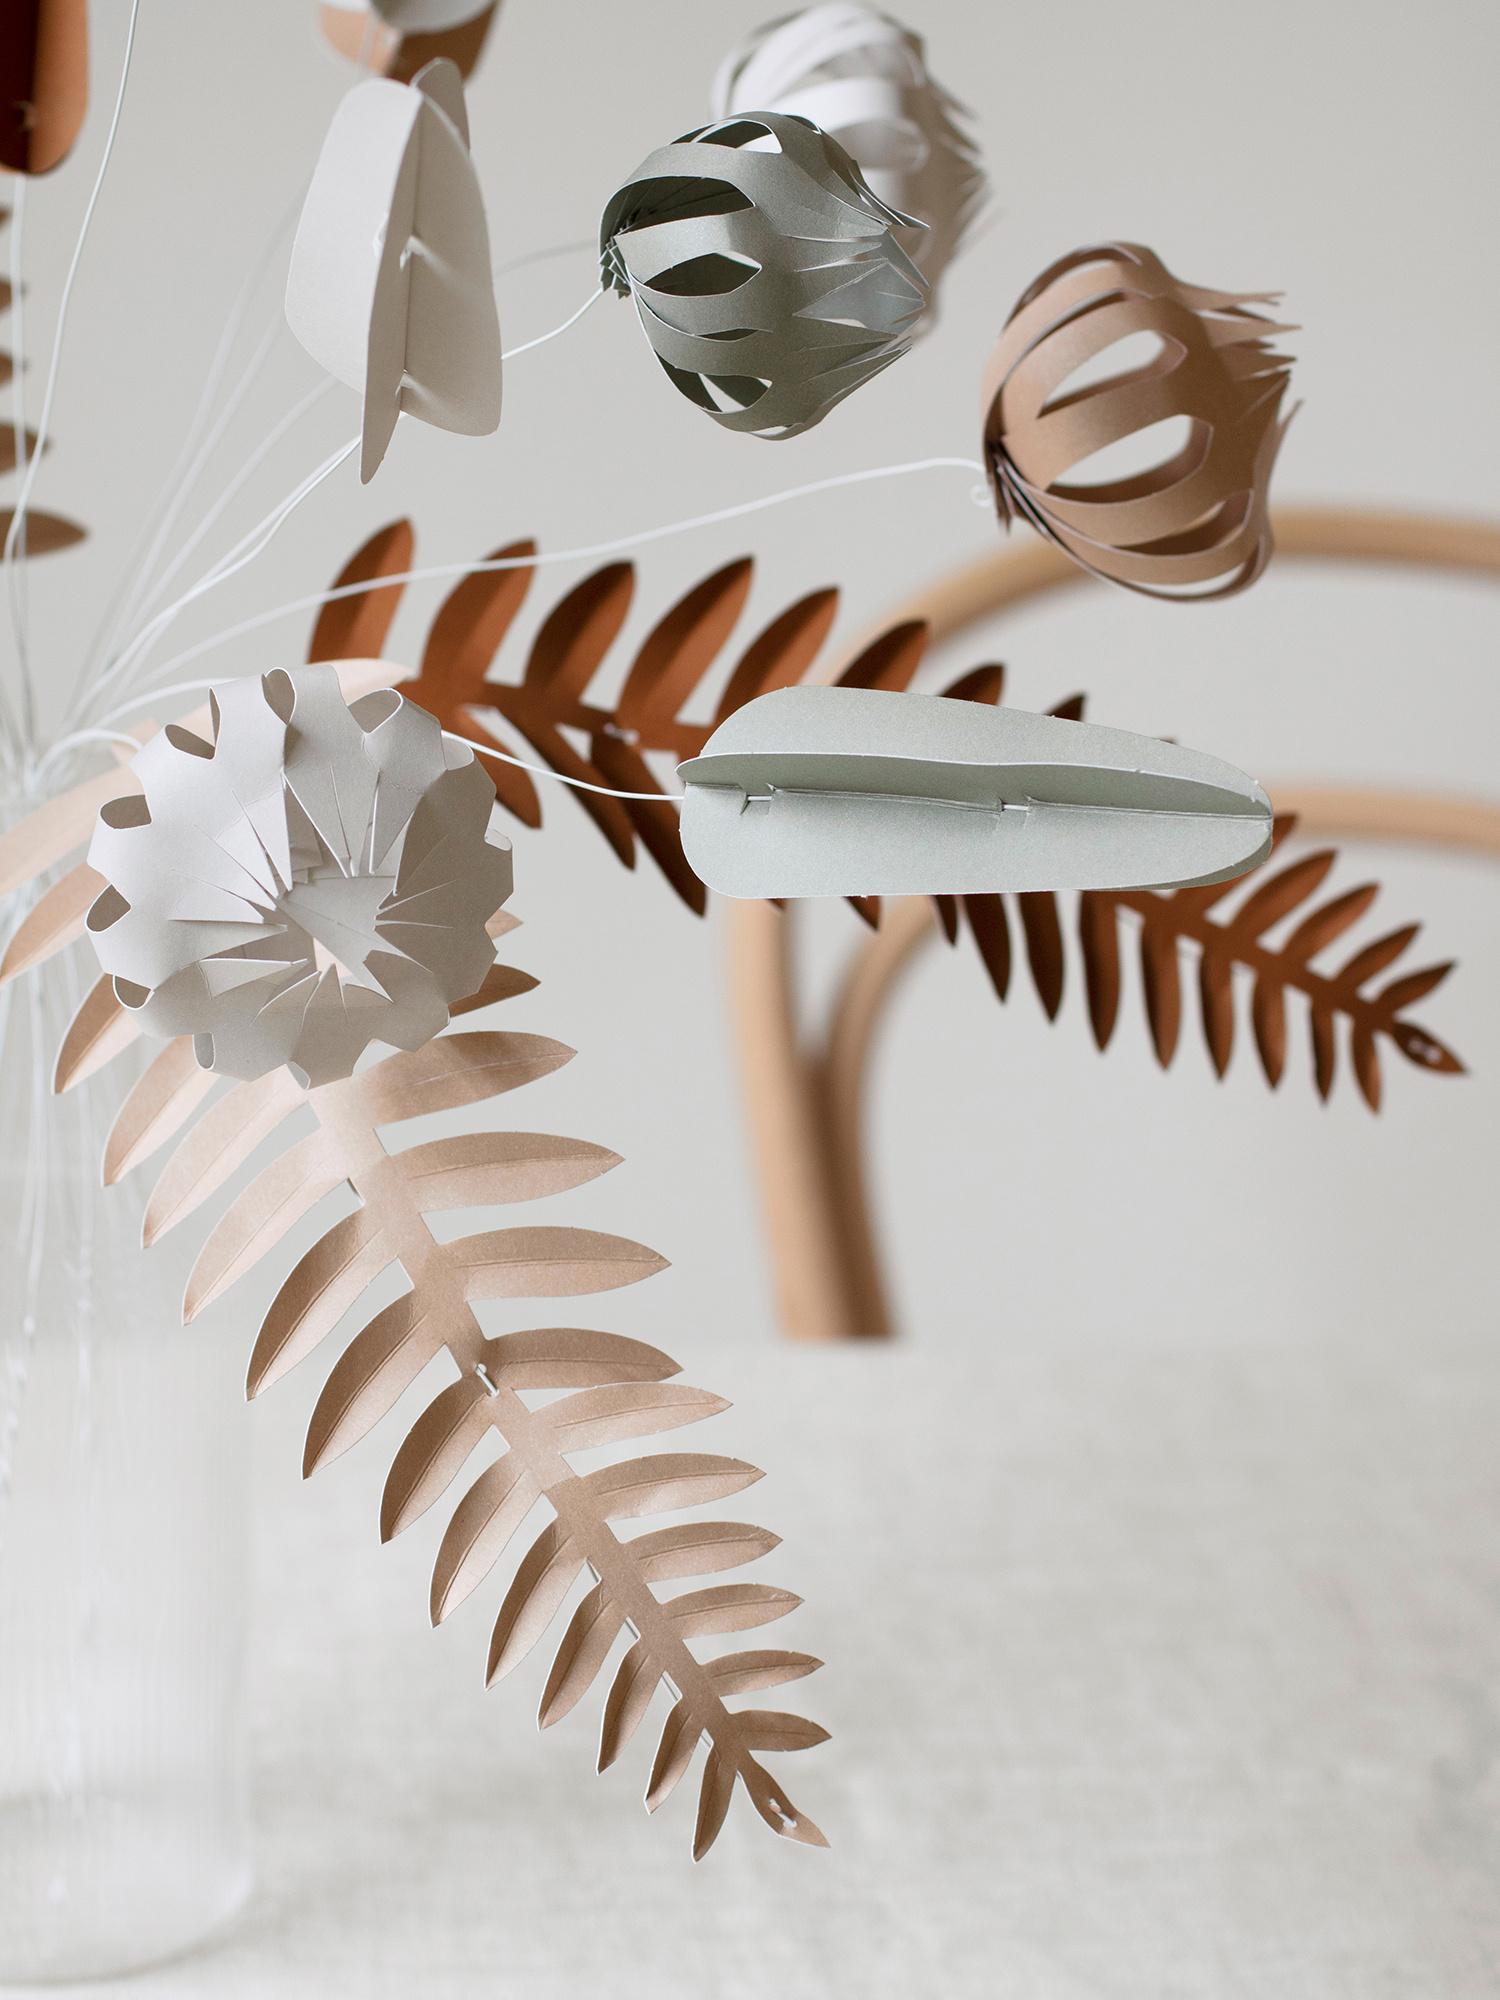 KORE paper flowers